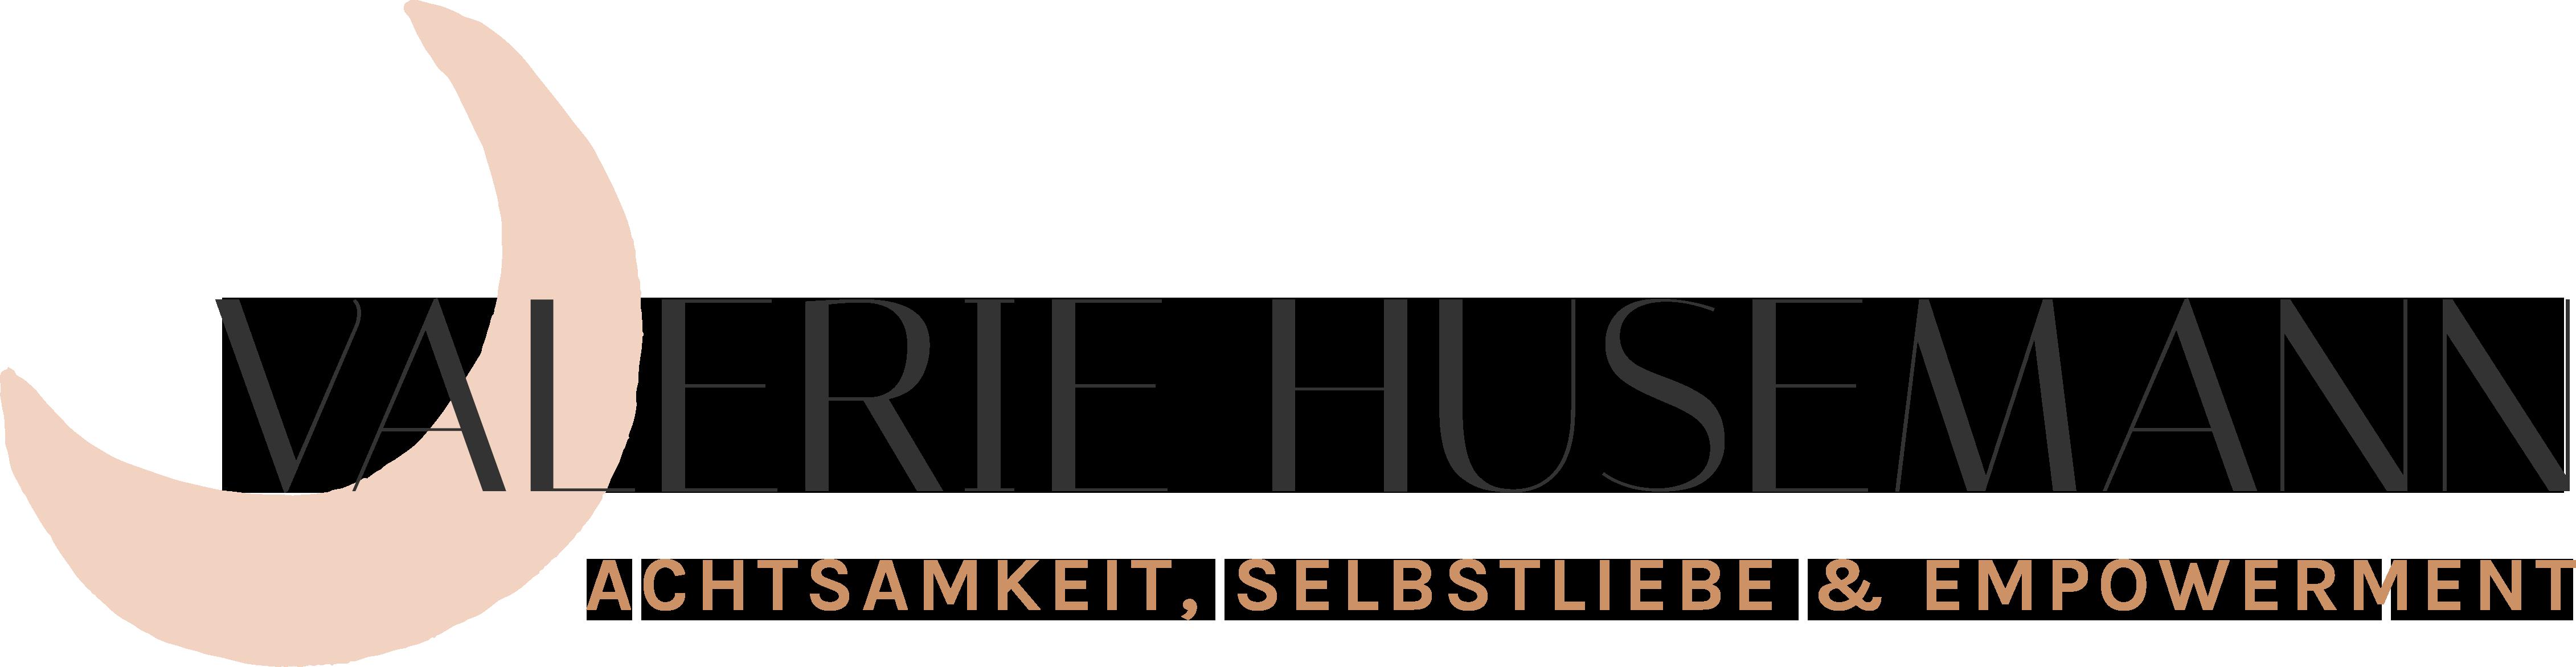 ValerieHusemann.de – Achtsamkeit, Selbstliebe & Mindset